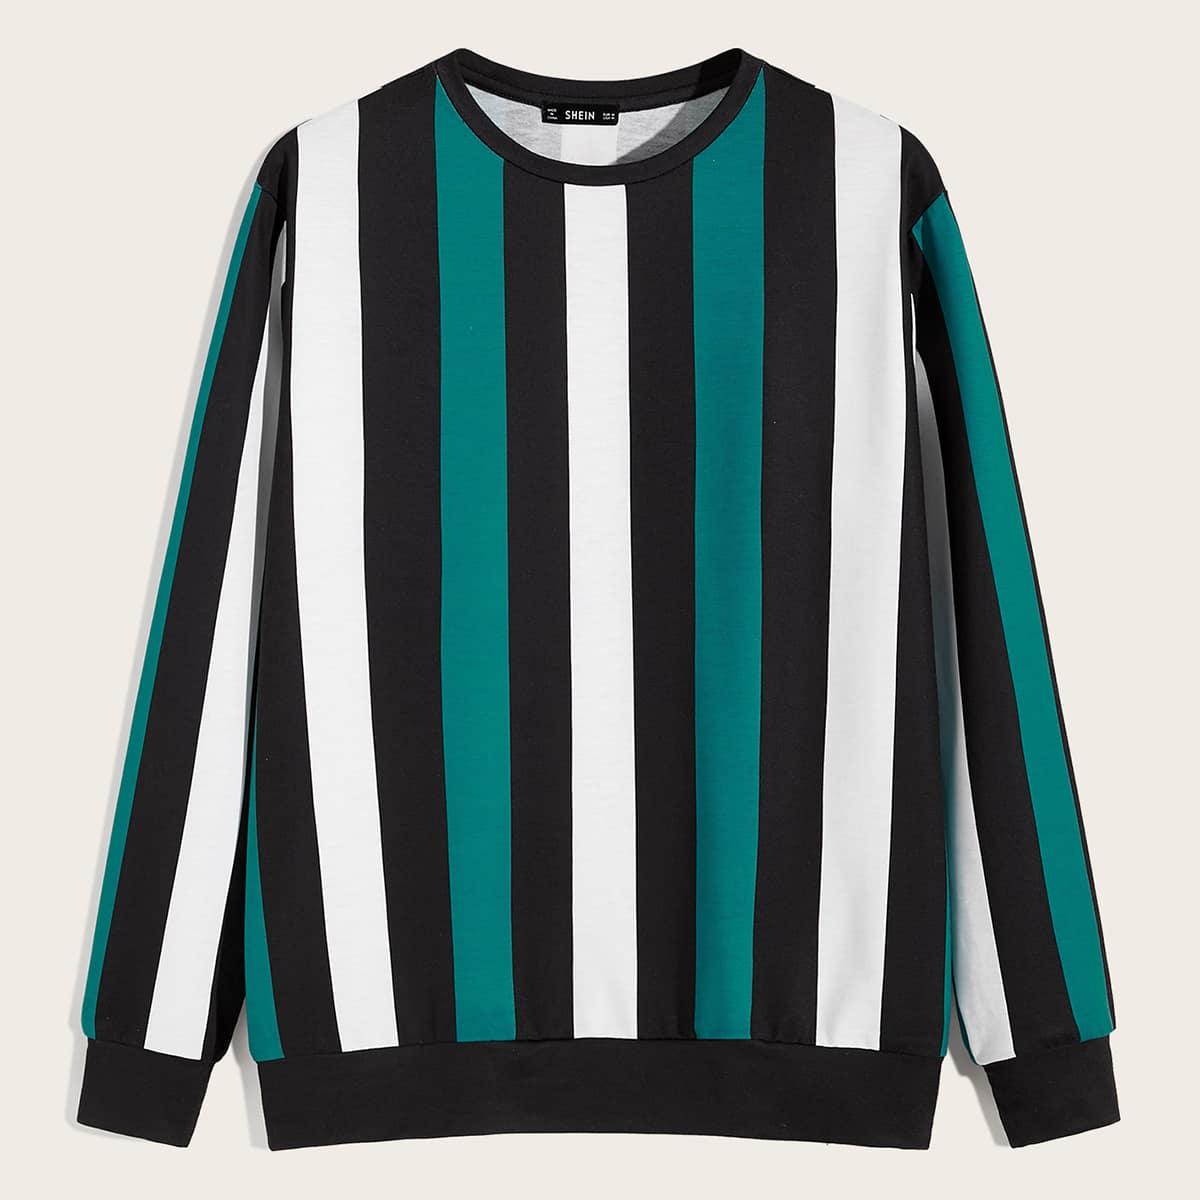 Мужской контрастный полосатый пуловер от SHEIN